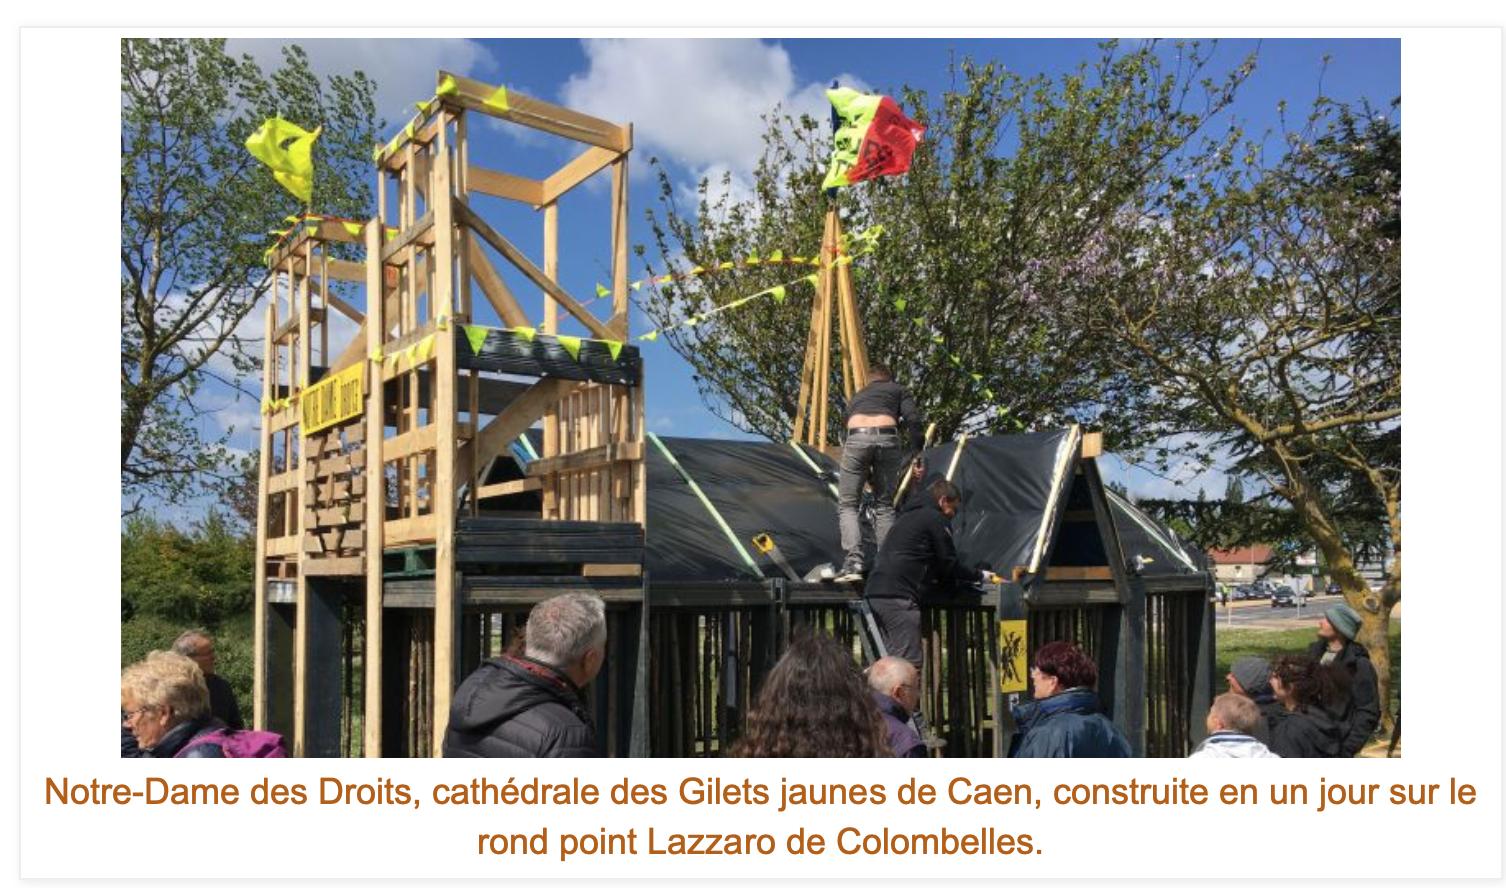 «Notre-Dame des Droits» à Caen : les vrais GJ font un bras d'honneur à Macron et reprennent la lutte